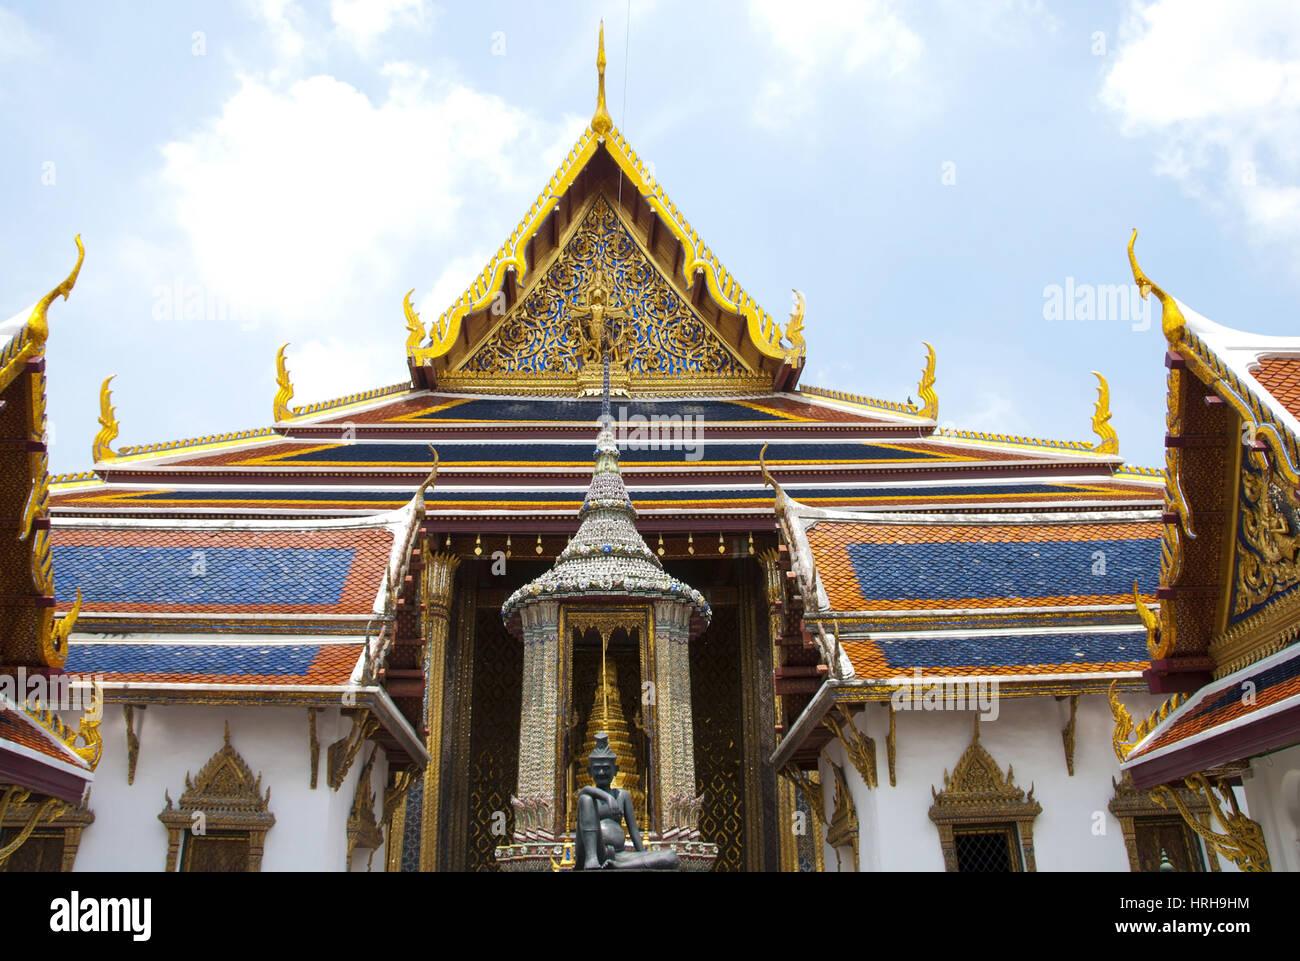 Buddhistische Tempelanlage, Wat Phra Kaeo, Bangkok, Thailand - Wat Phra Kaeo, Bangkok, Thailand - Stock Image